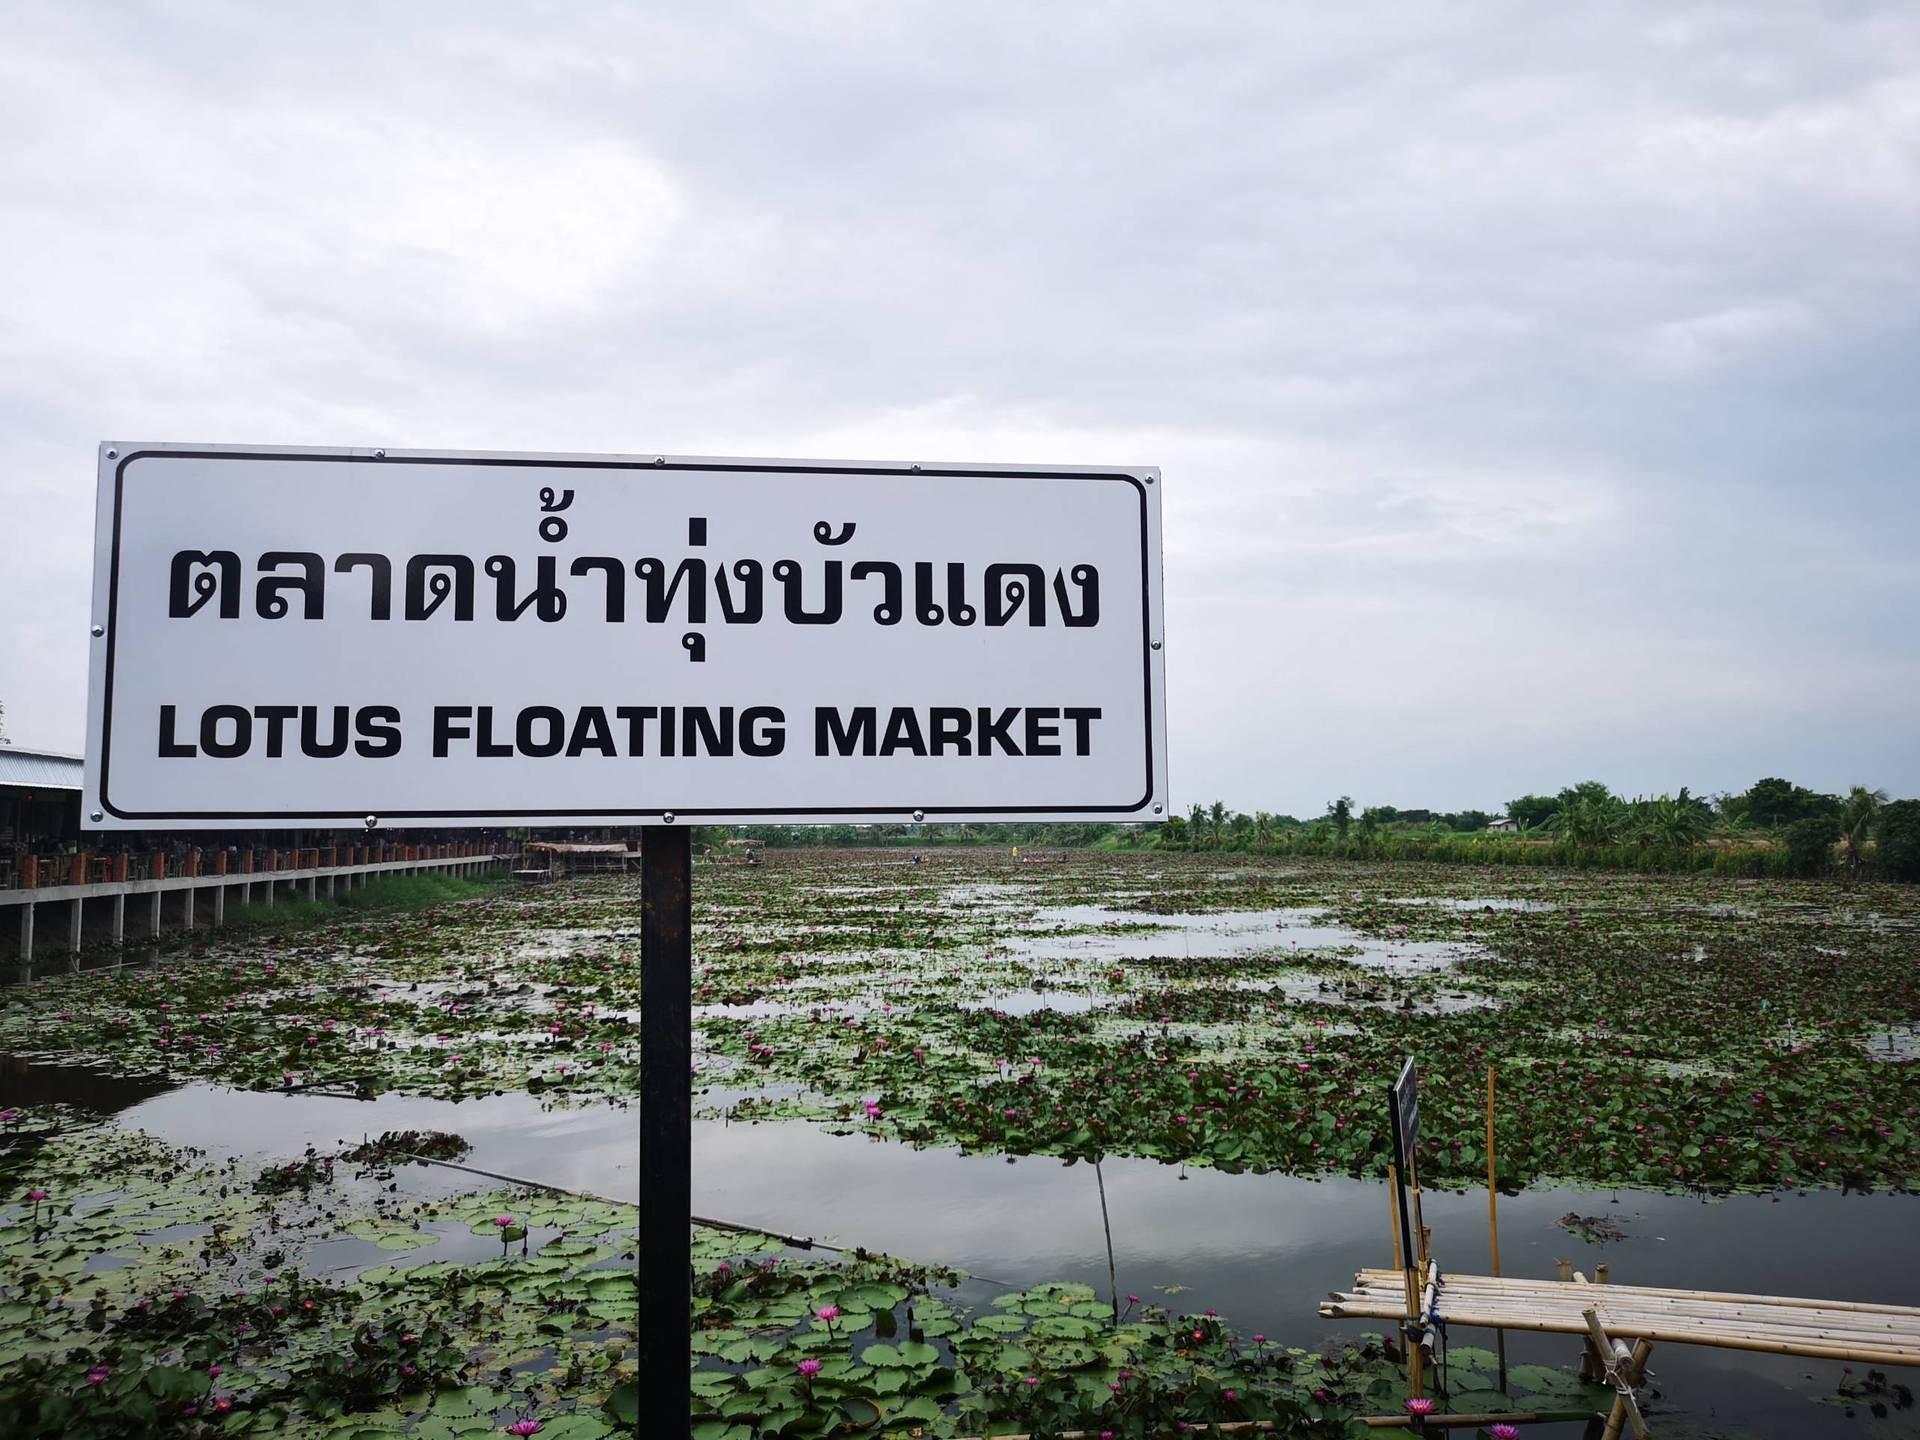 ตลาดน้ำทุ่งบัวแดง ณ บางเลน